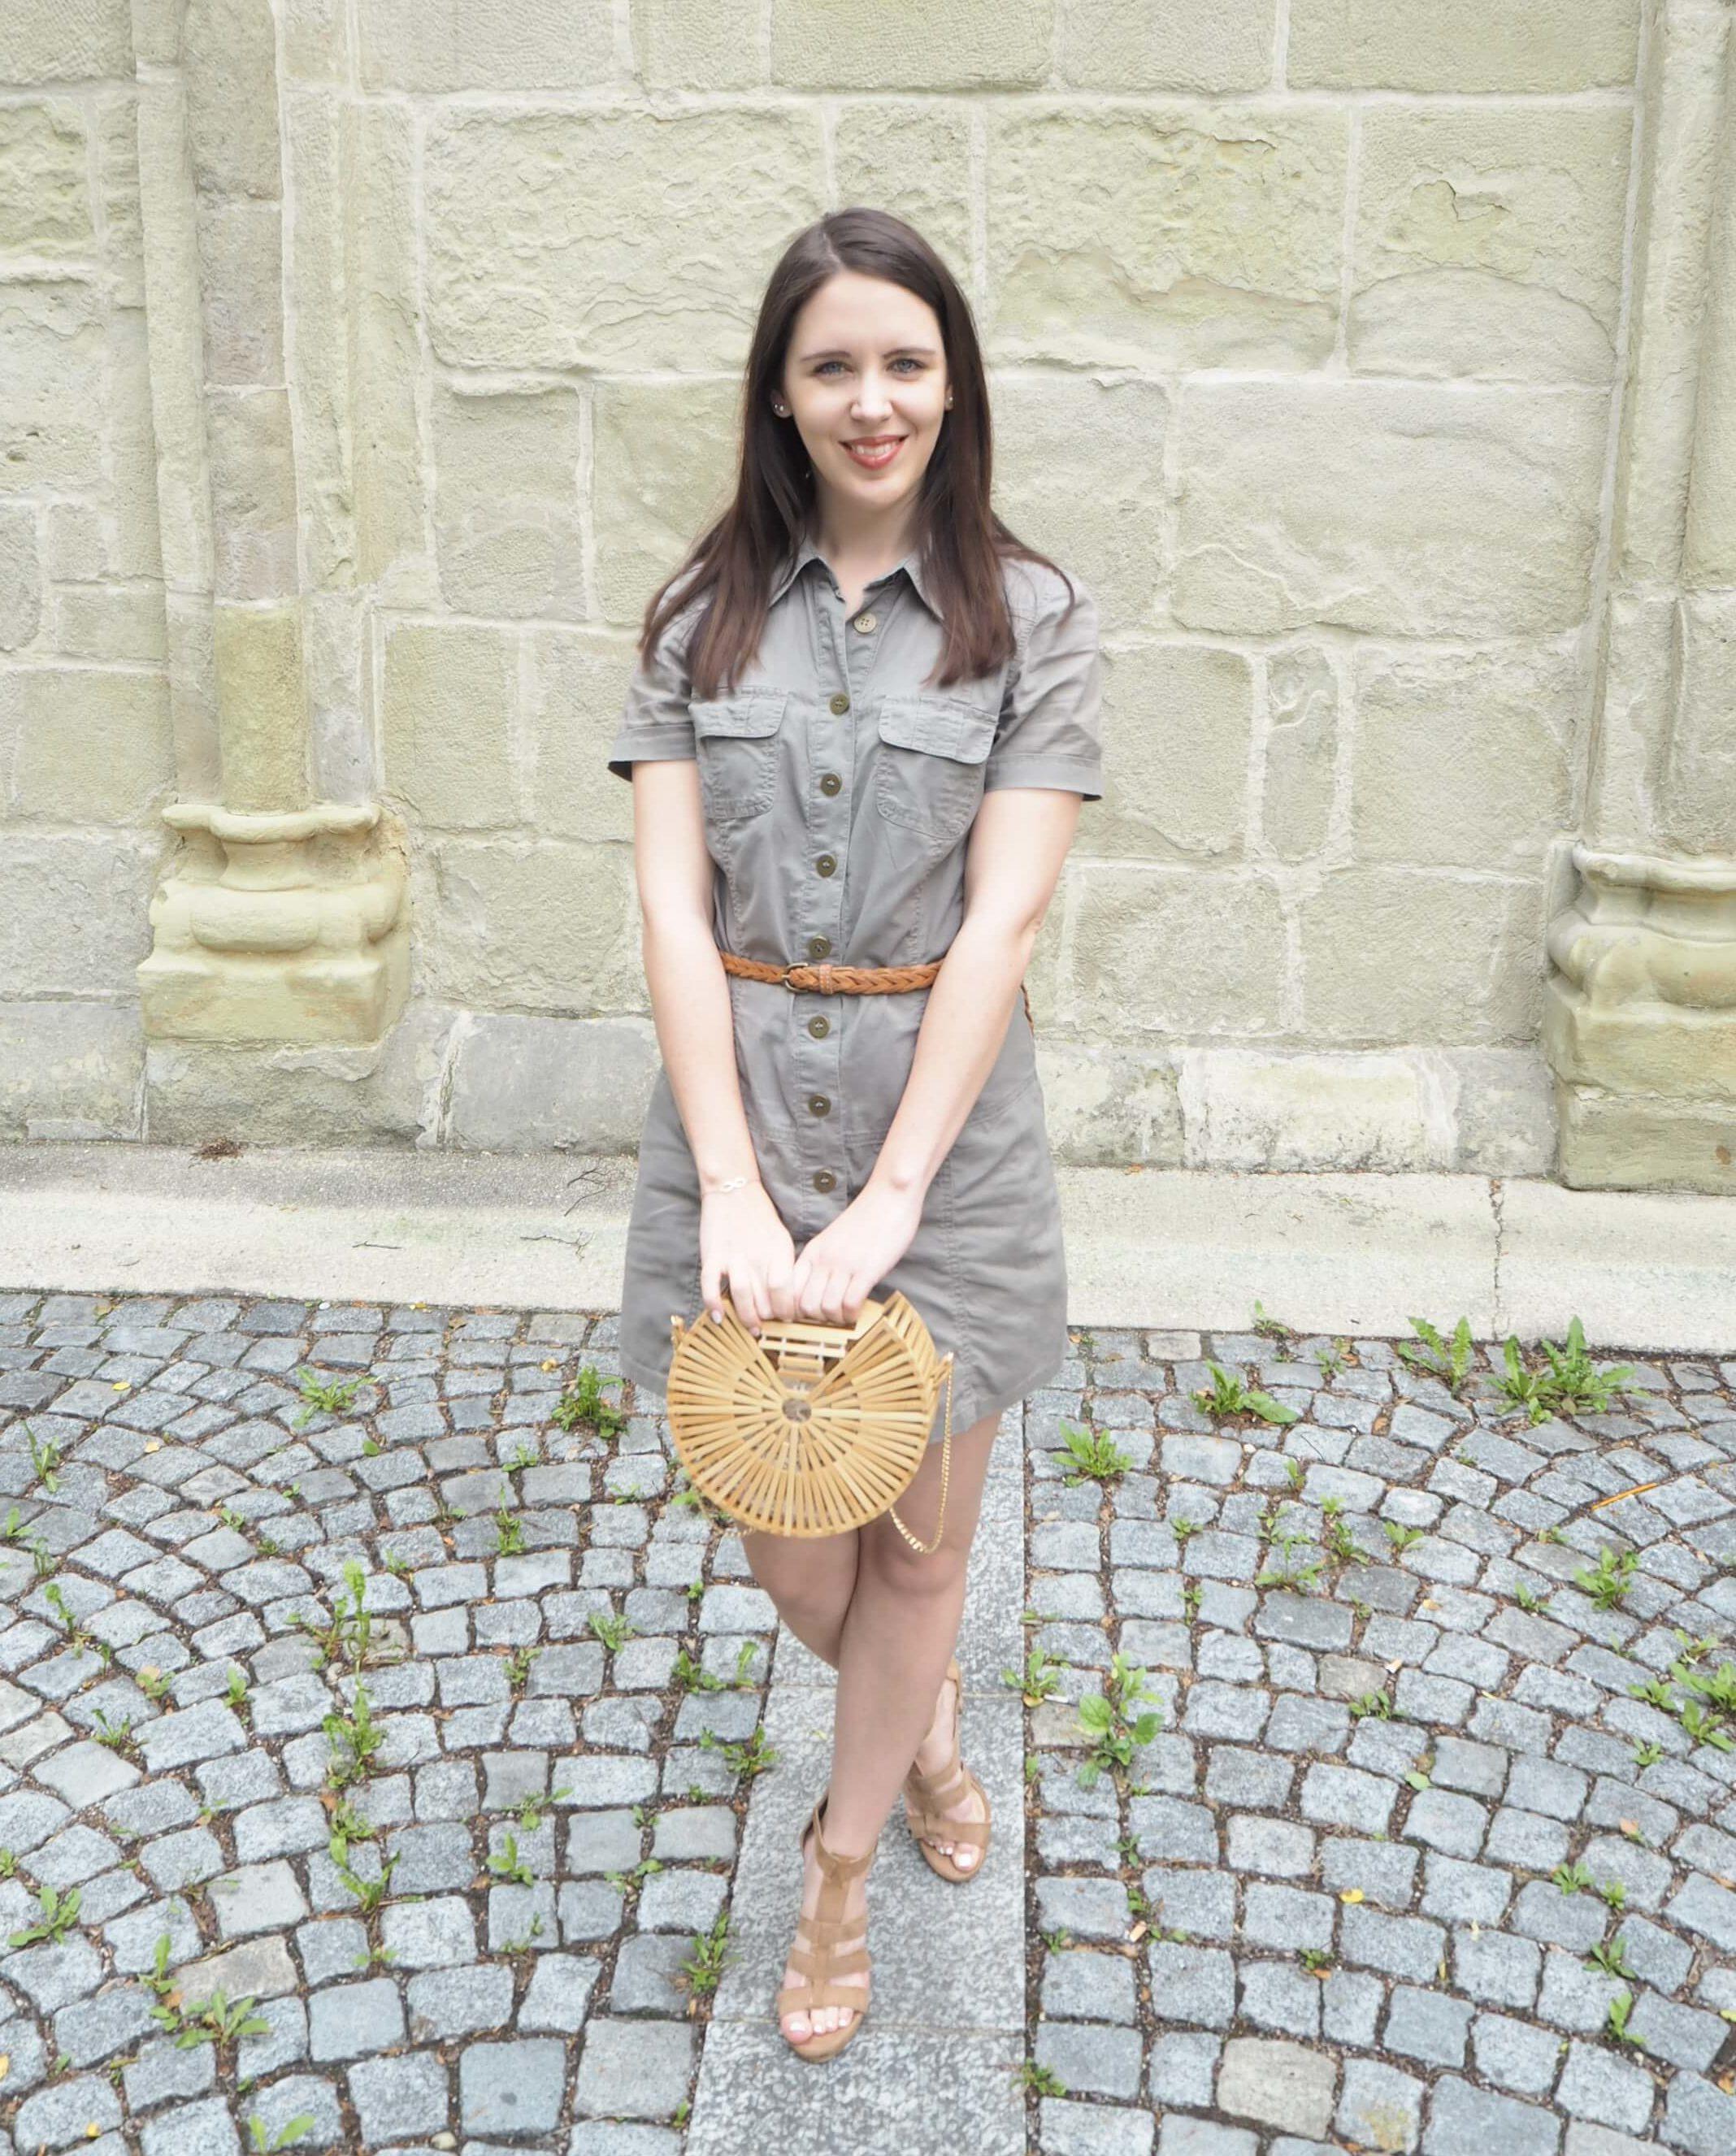 Sommeroutfit mit Handtasche aus Holz im Cult Gaia Stil